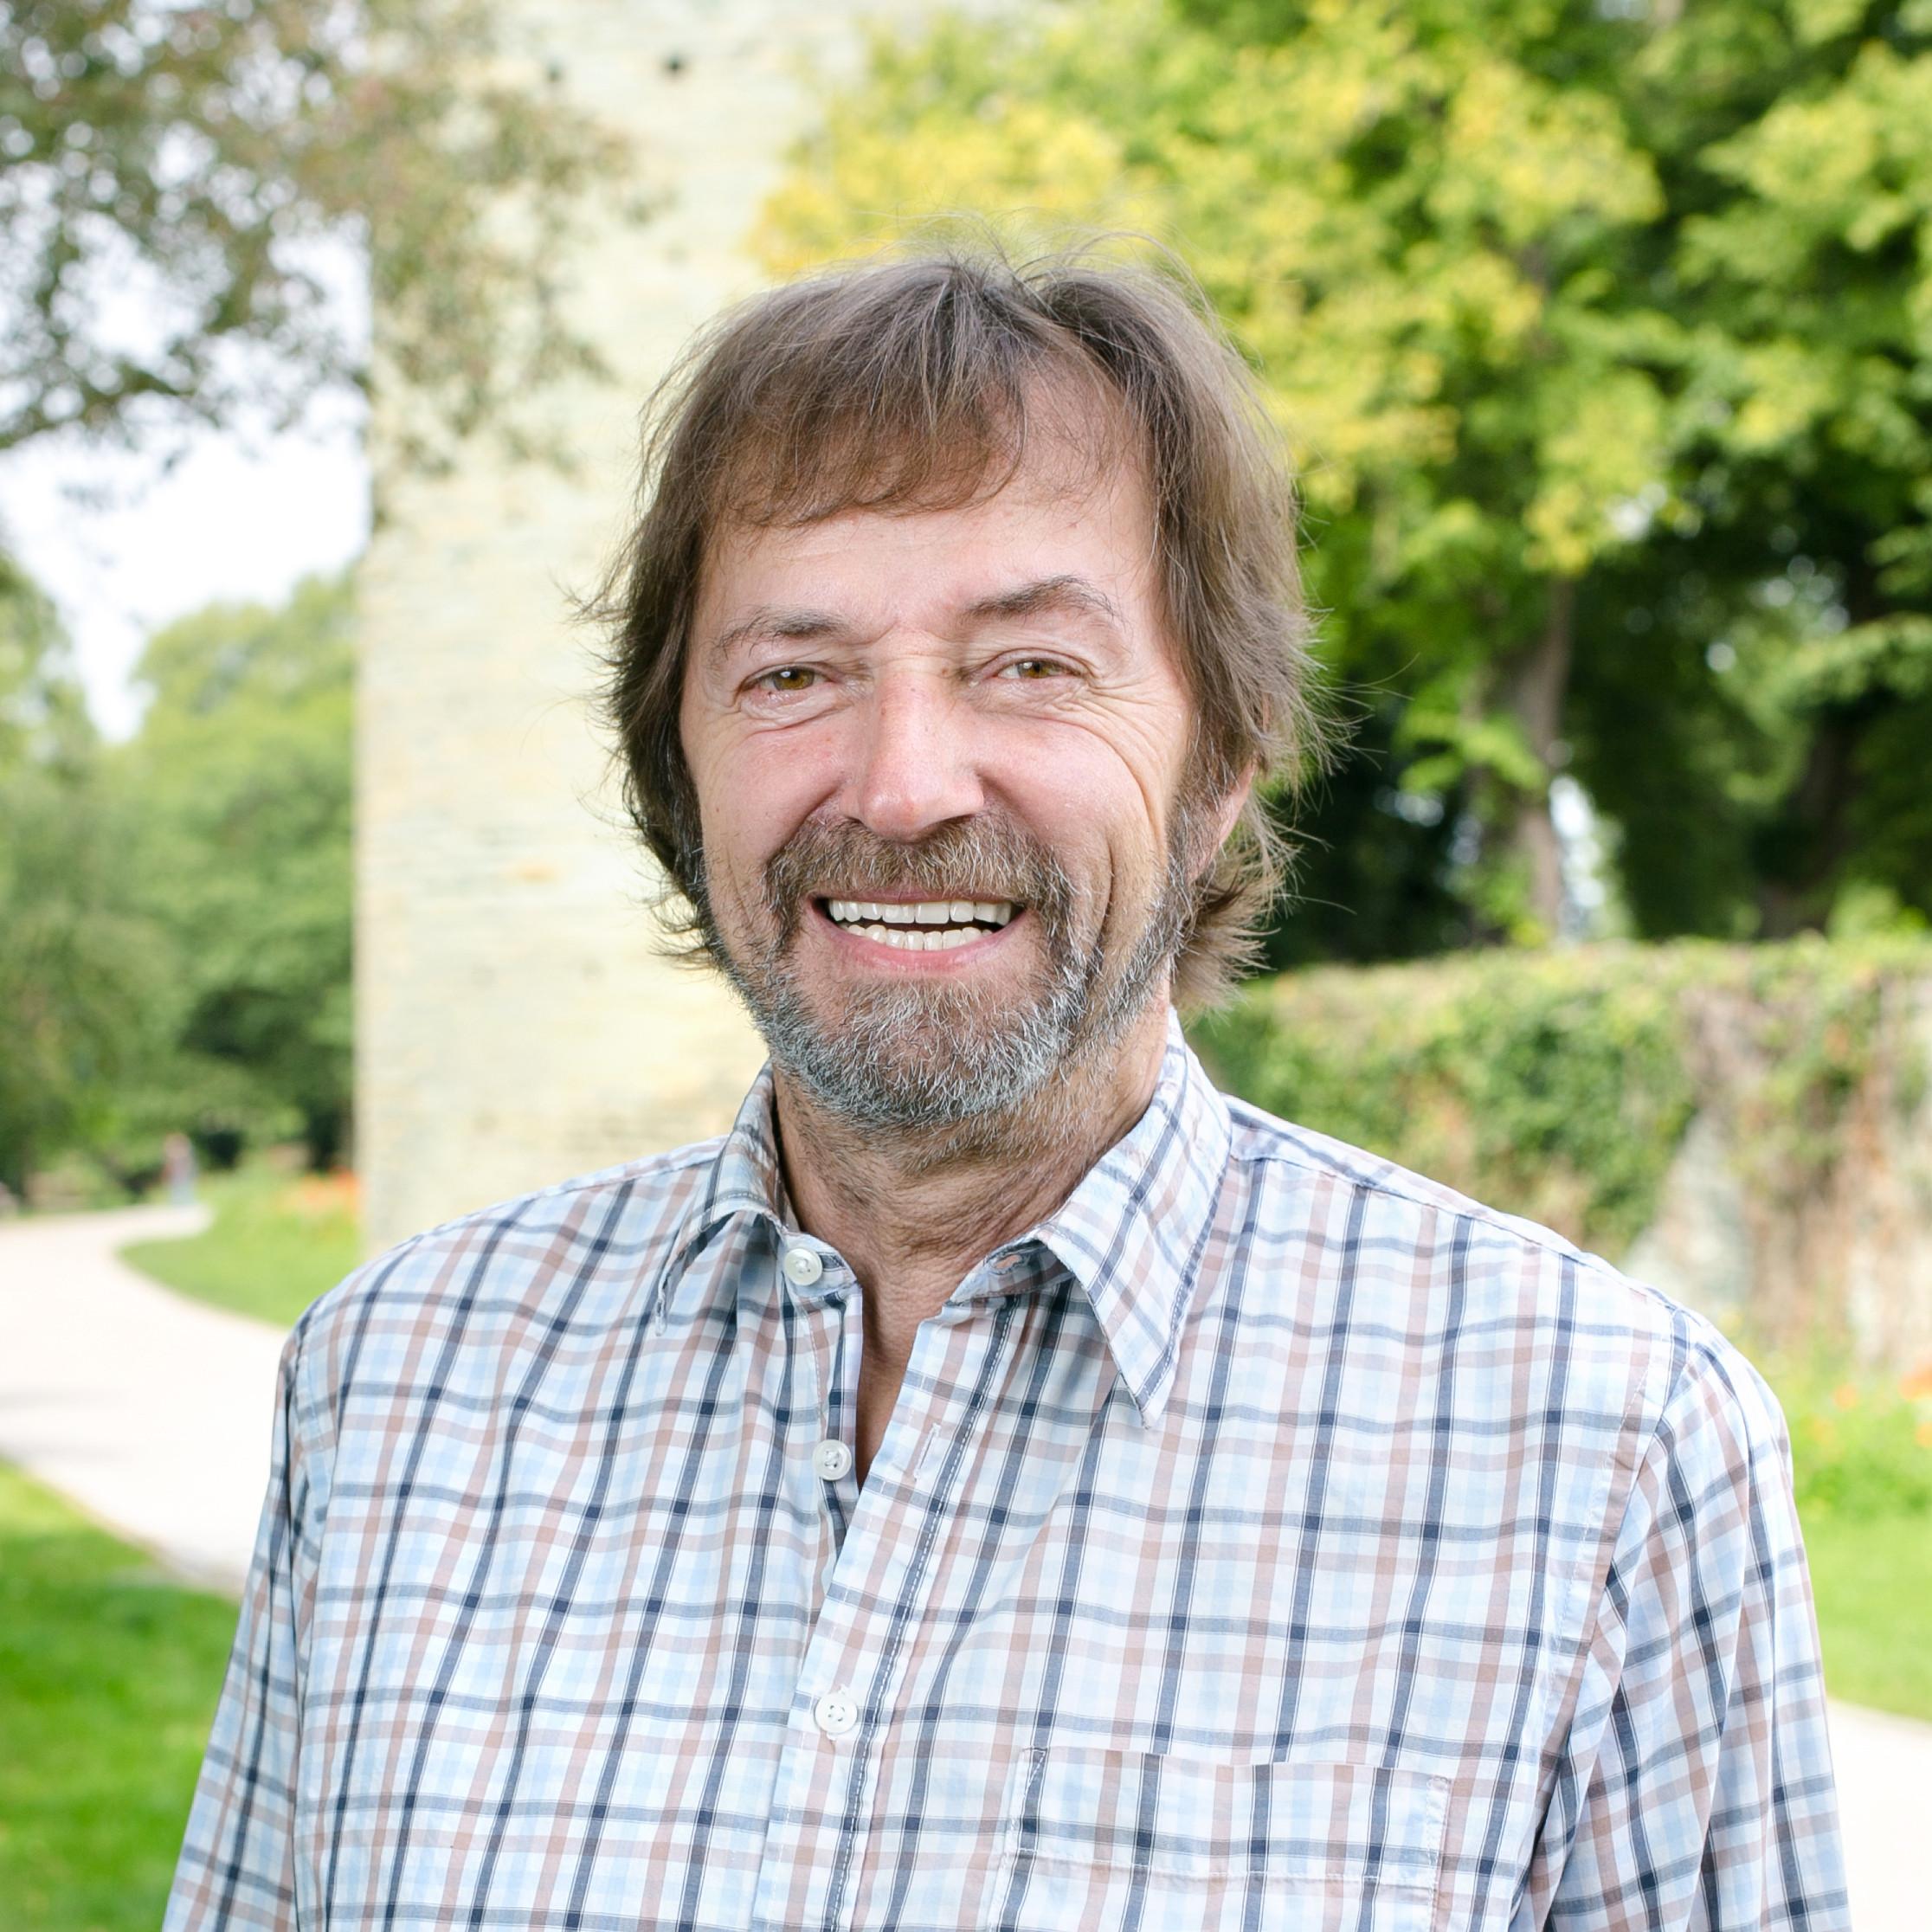 Georg Felker